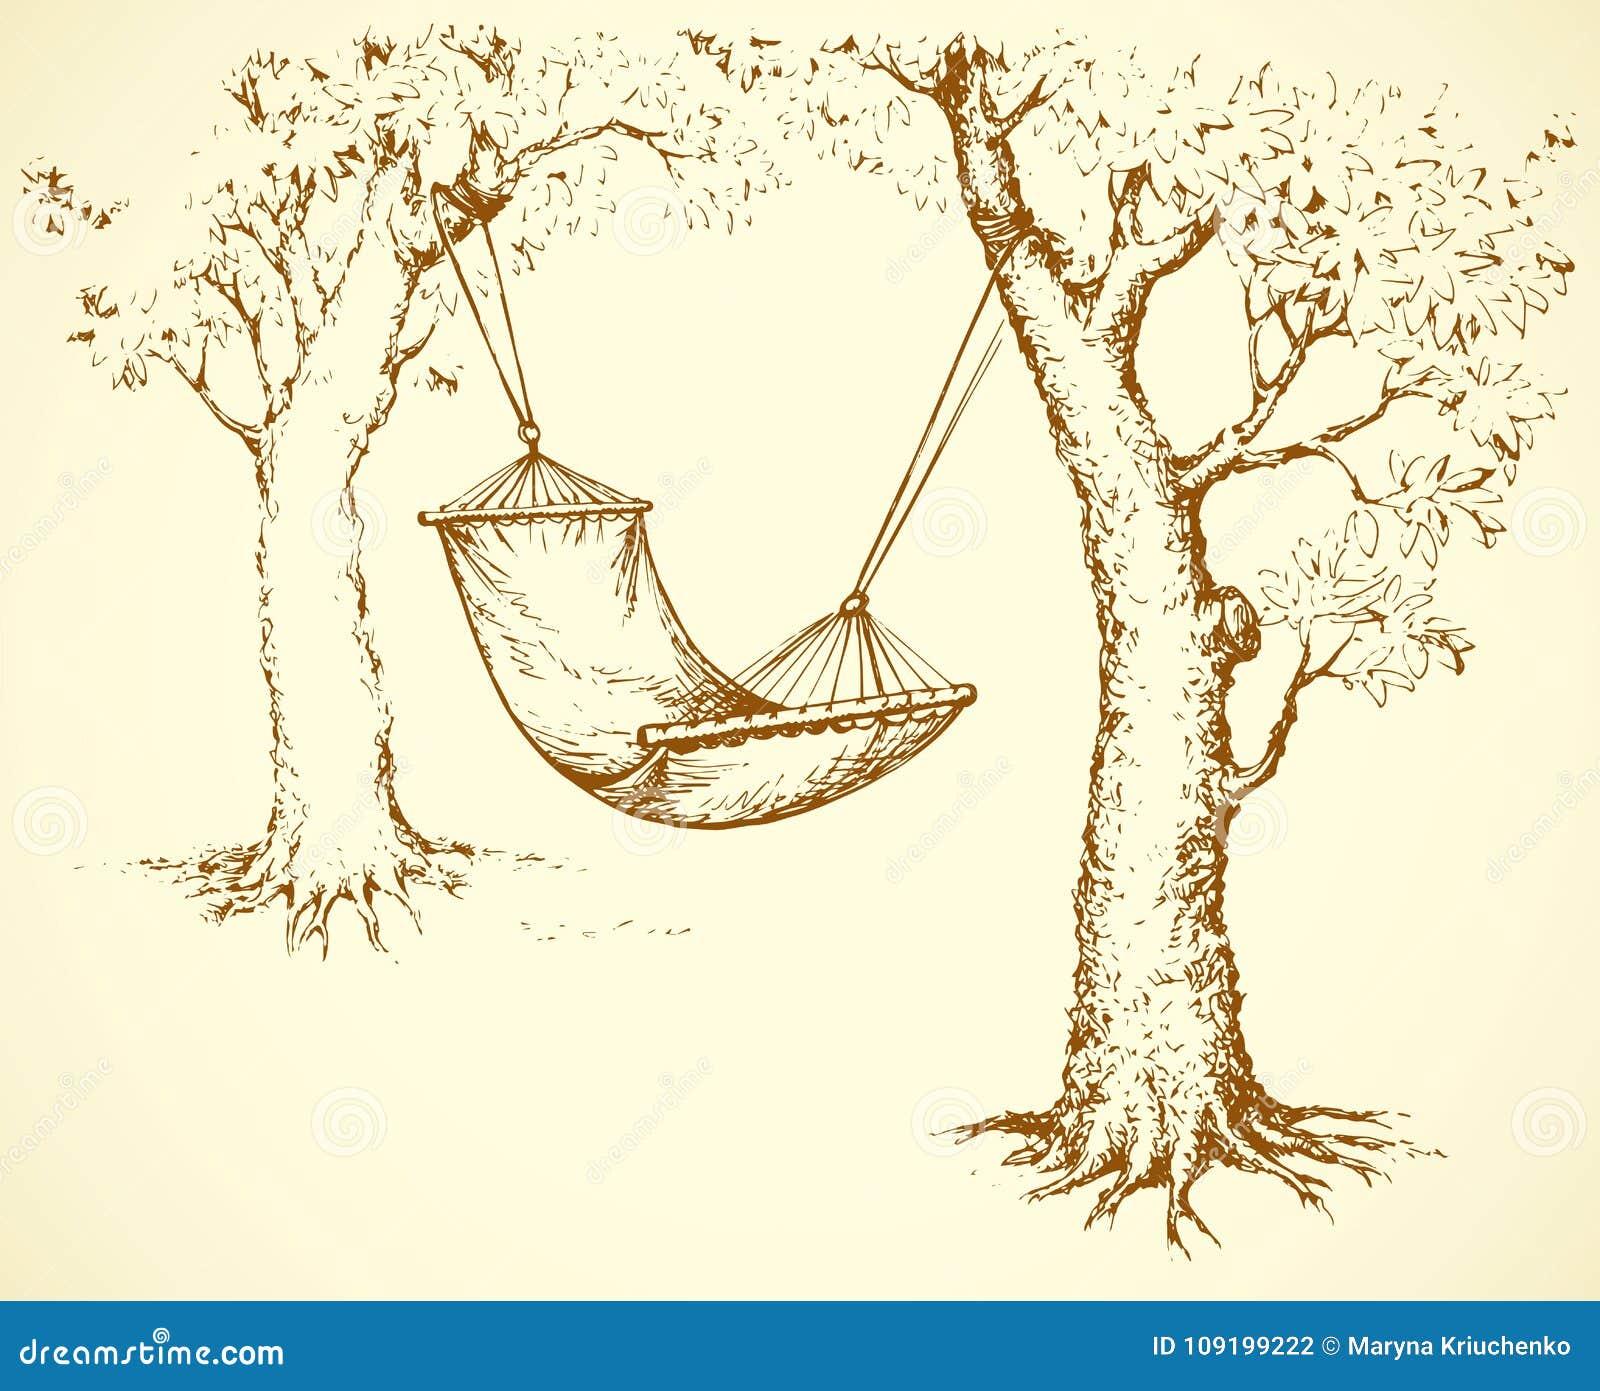 Illustration De Hamac Sur Vecteur L'arbre 0N8kXnwOP